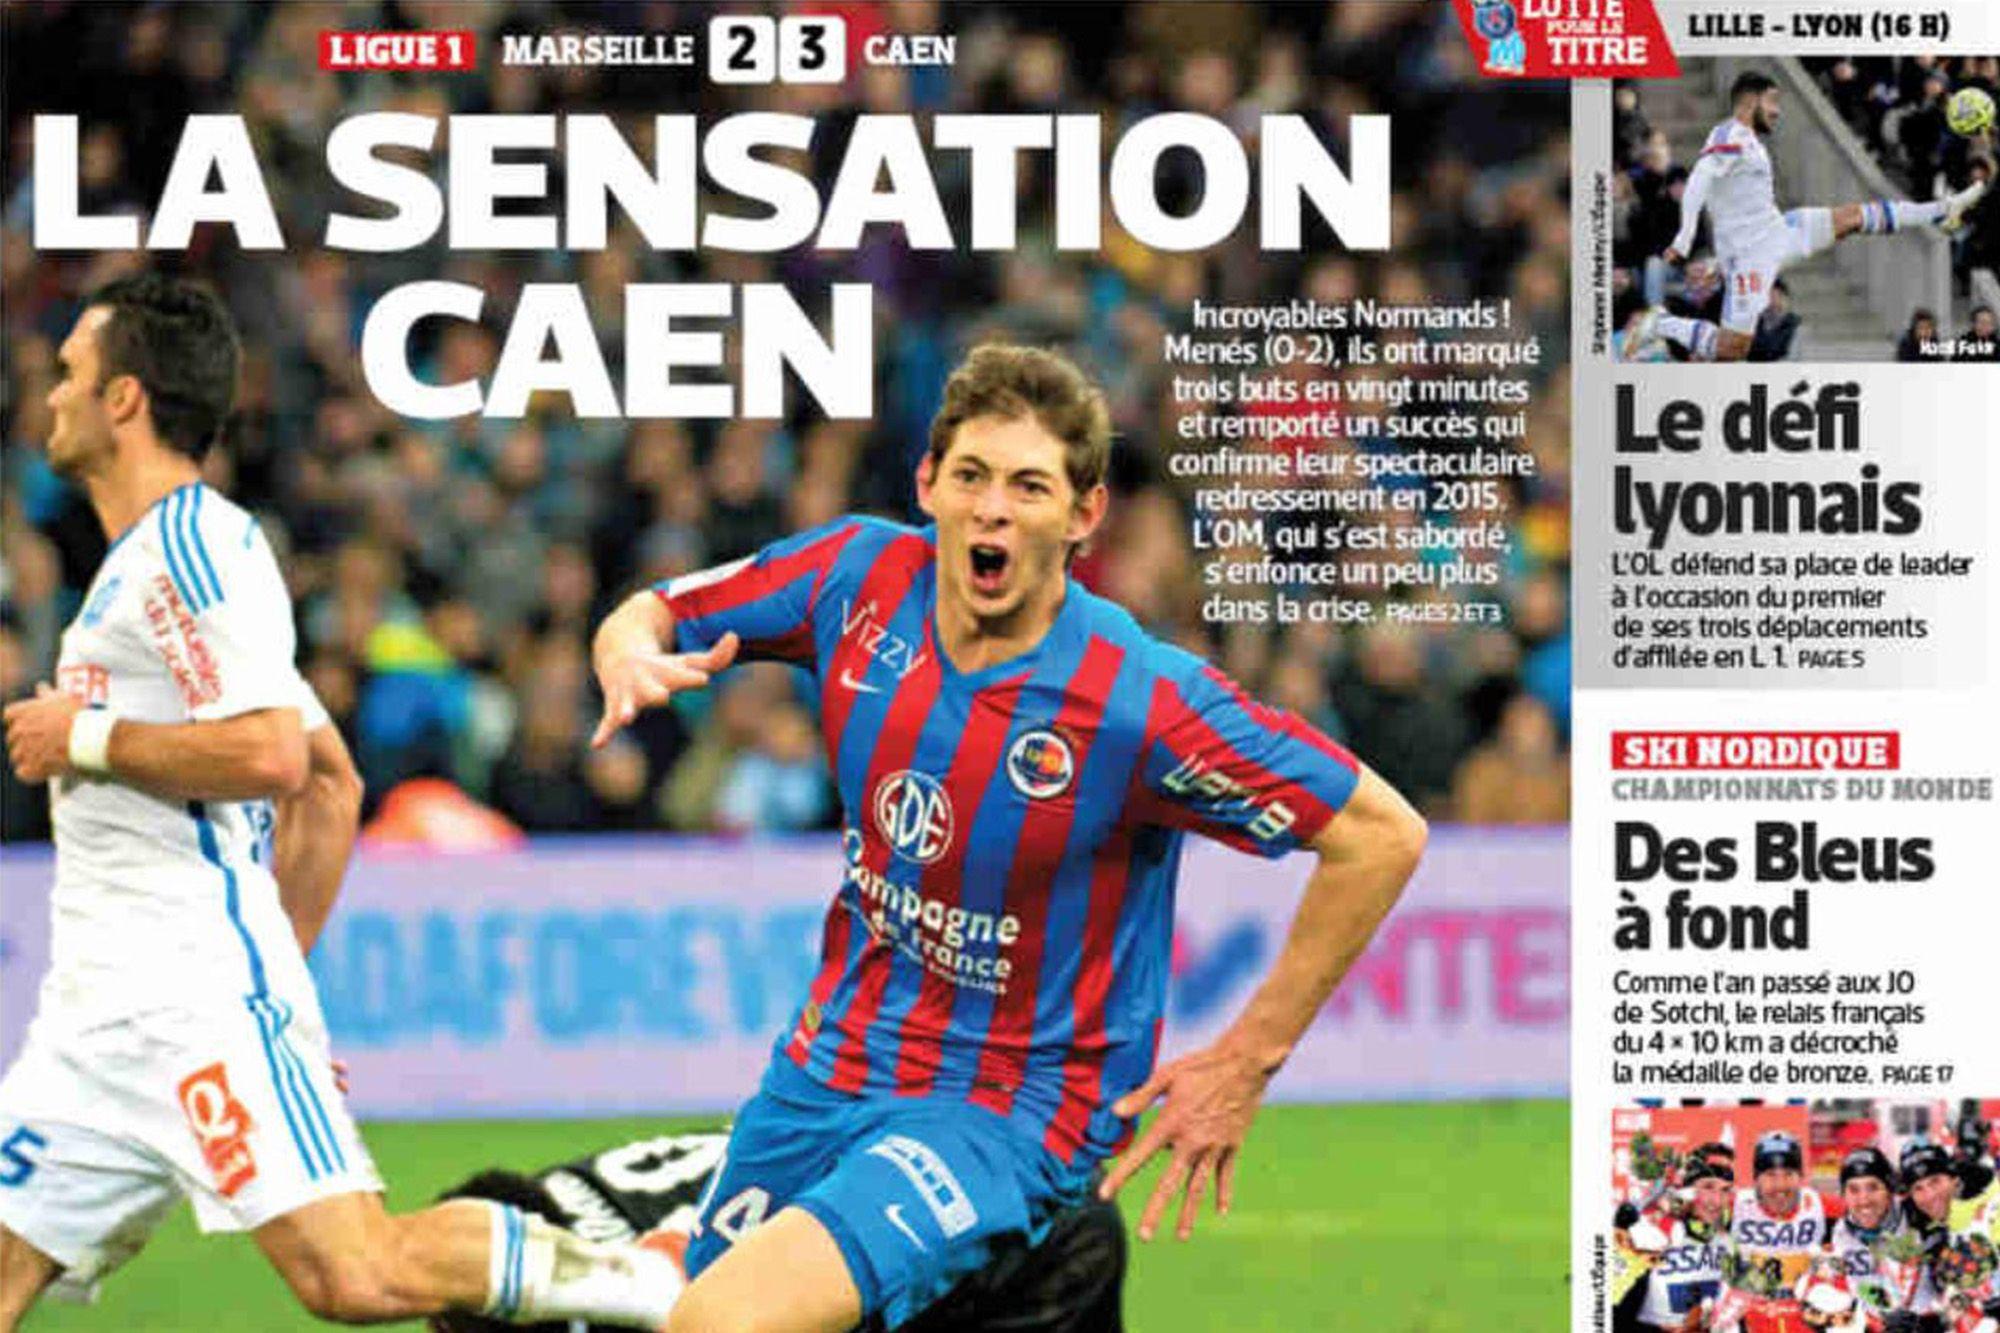 Il y a six ans, Malherbe faisait la Une de L'Équipe après sa victoire à Marseille !